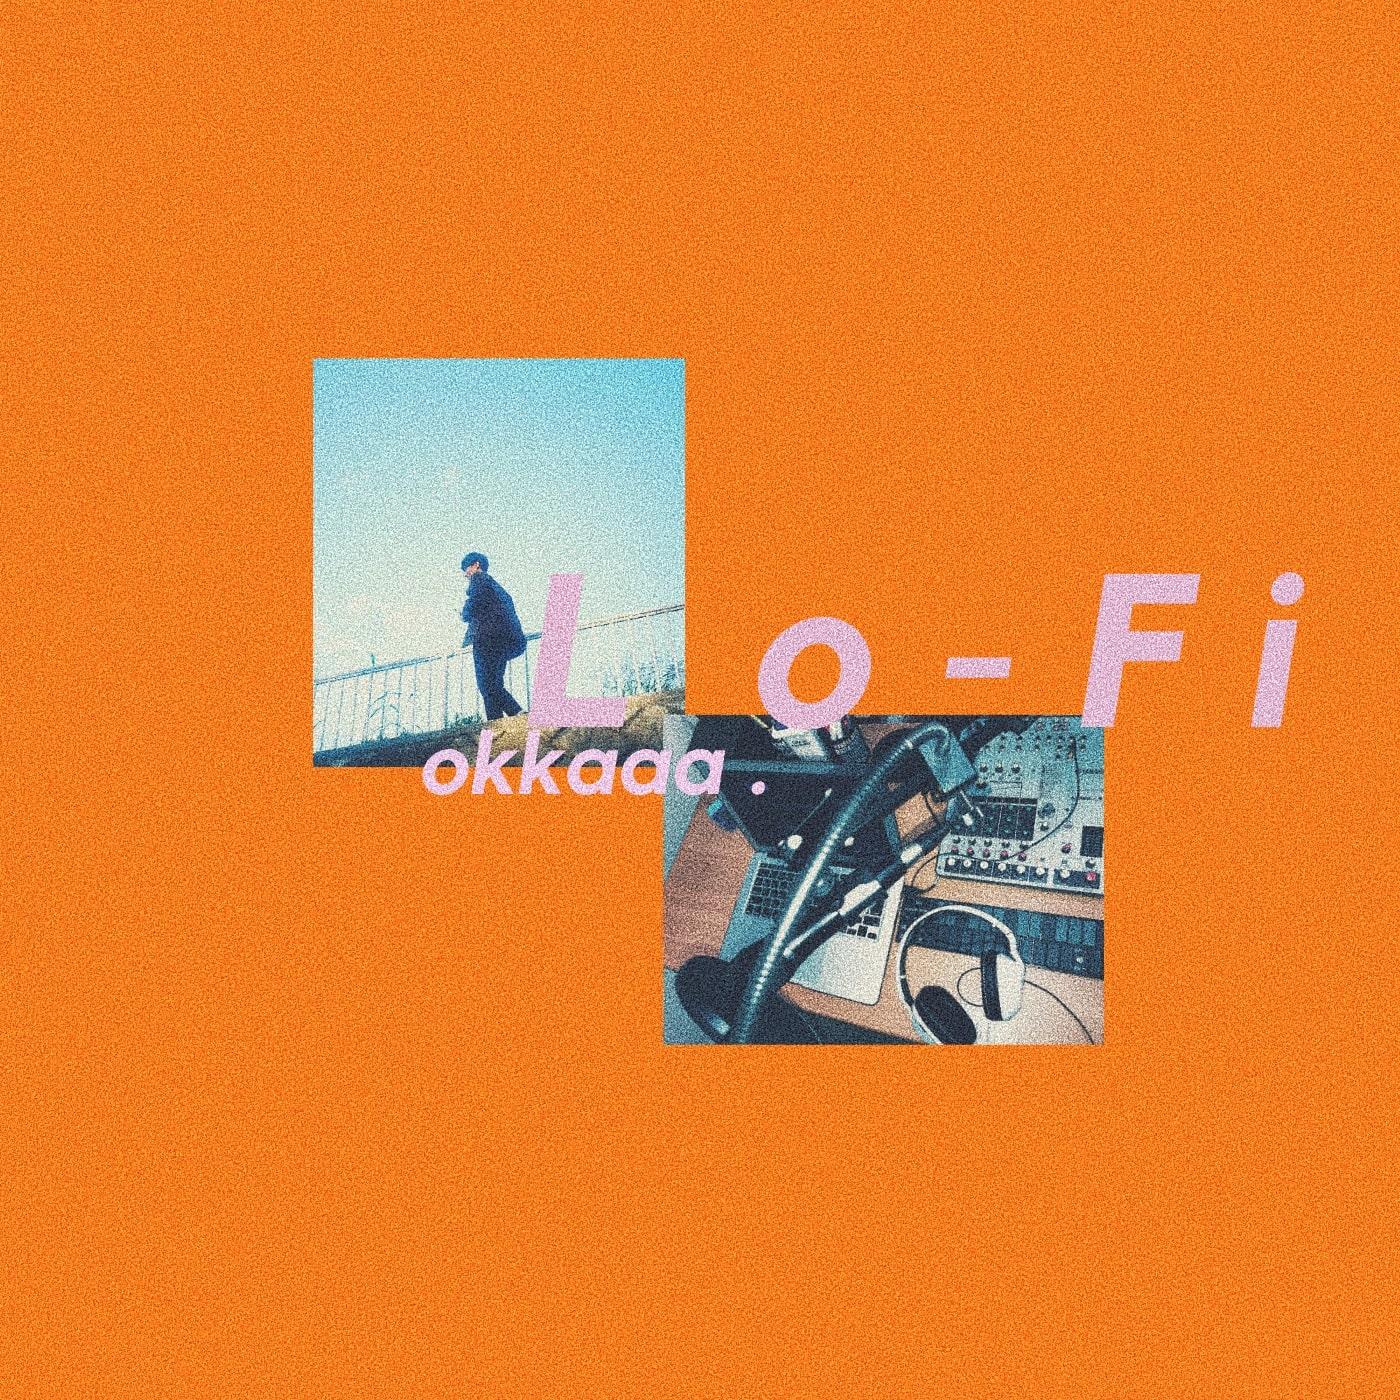 08-031 okkaaa Lo-Fi/ミックスマスター